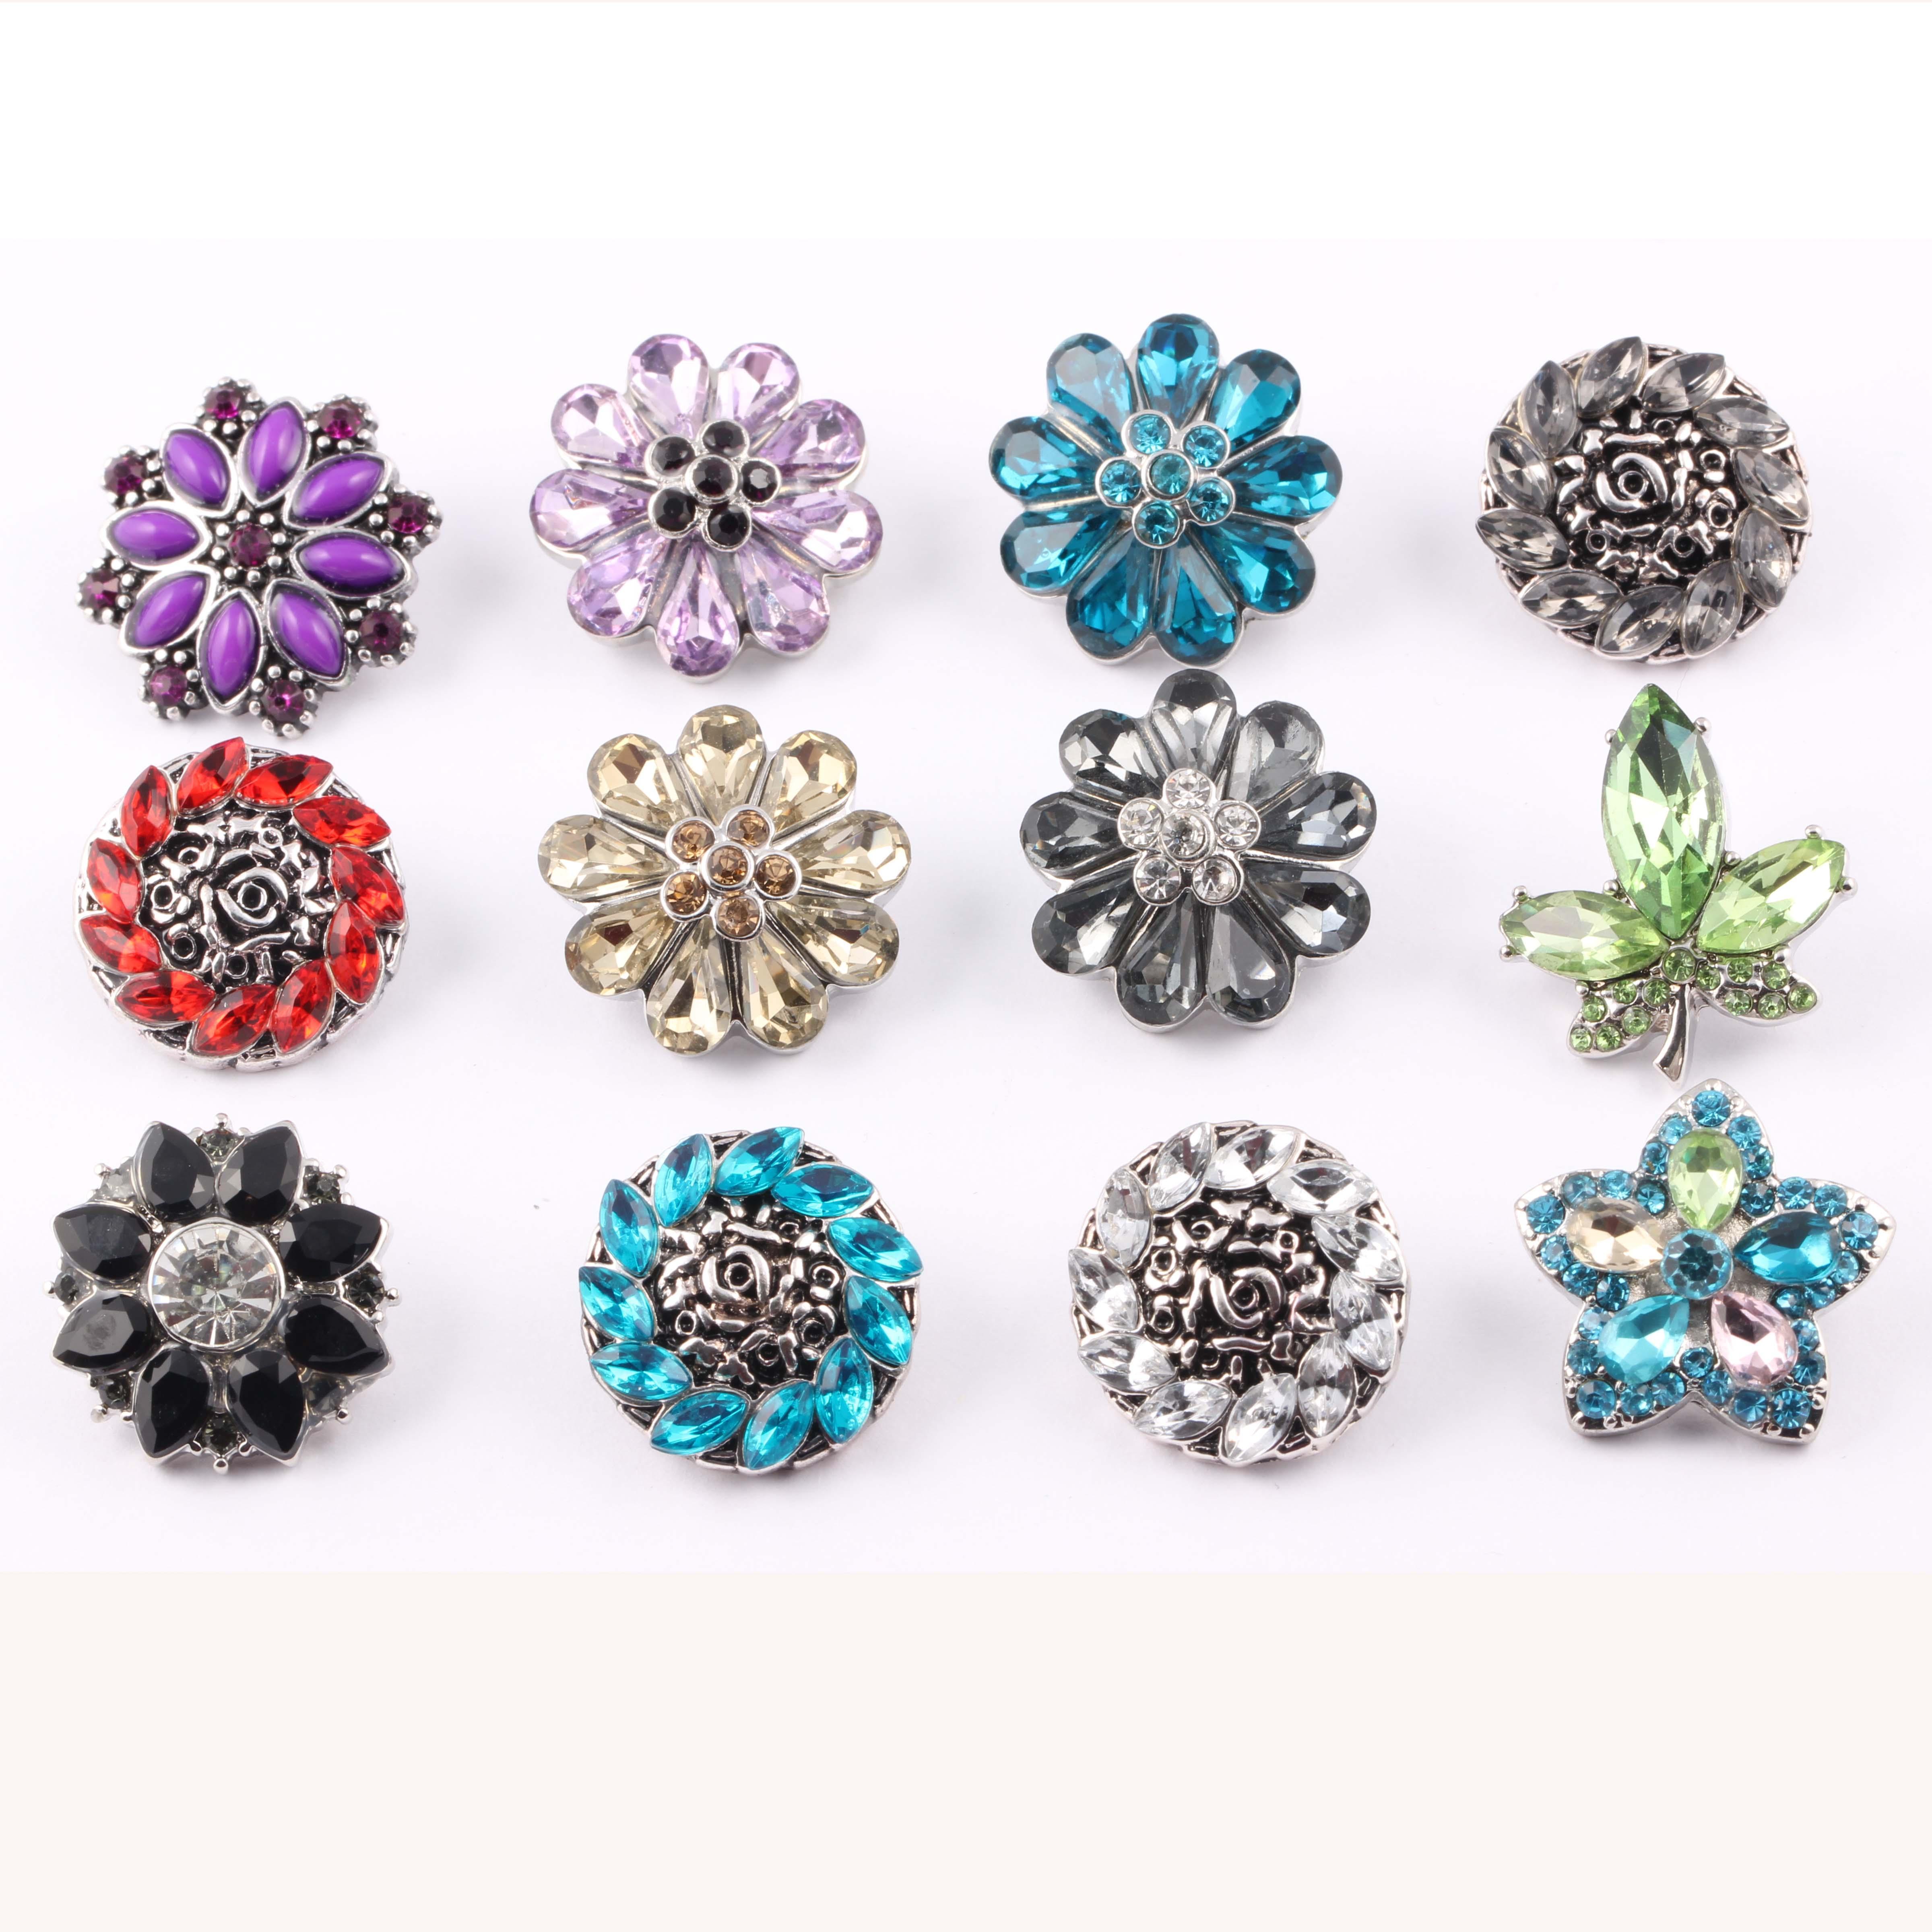 18 milímetros de flores no atacado Forma Noosa intercambiáveis Jóias DIY pulseiras de metal Ginger botões de pressão com cristais